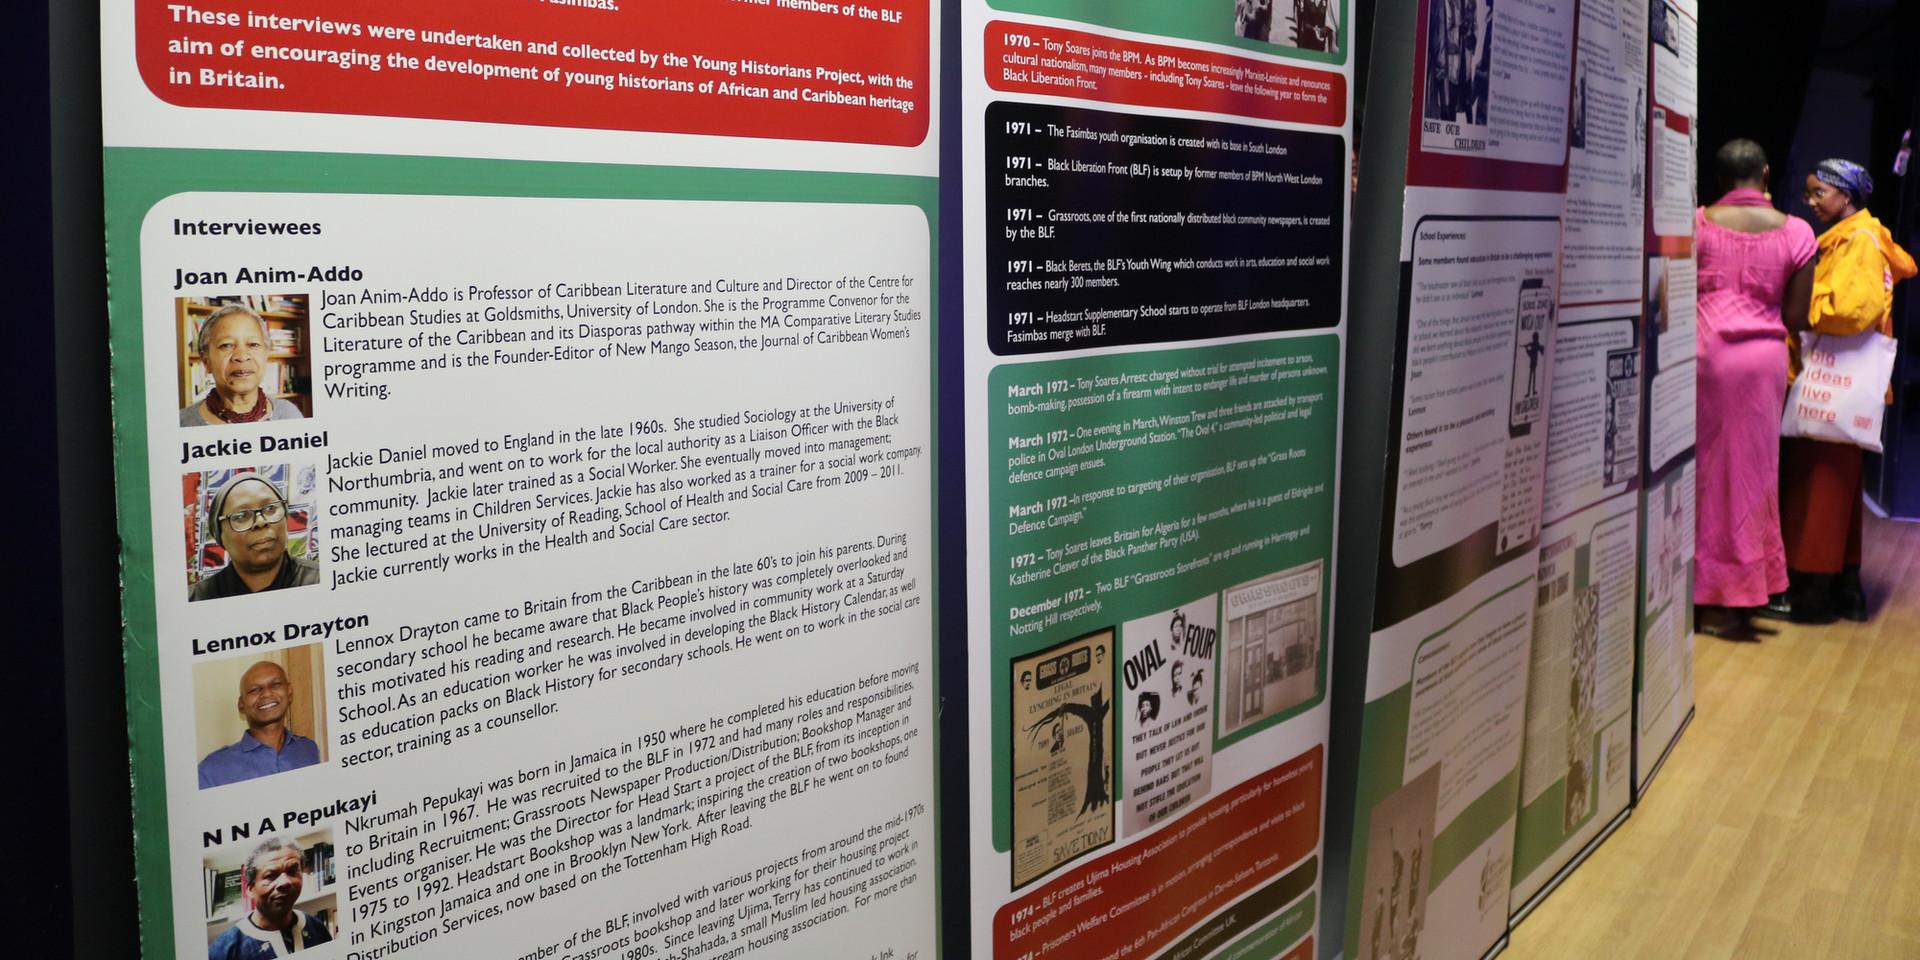 BLF exhibition